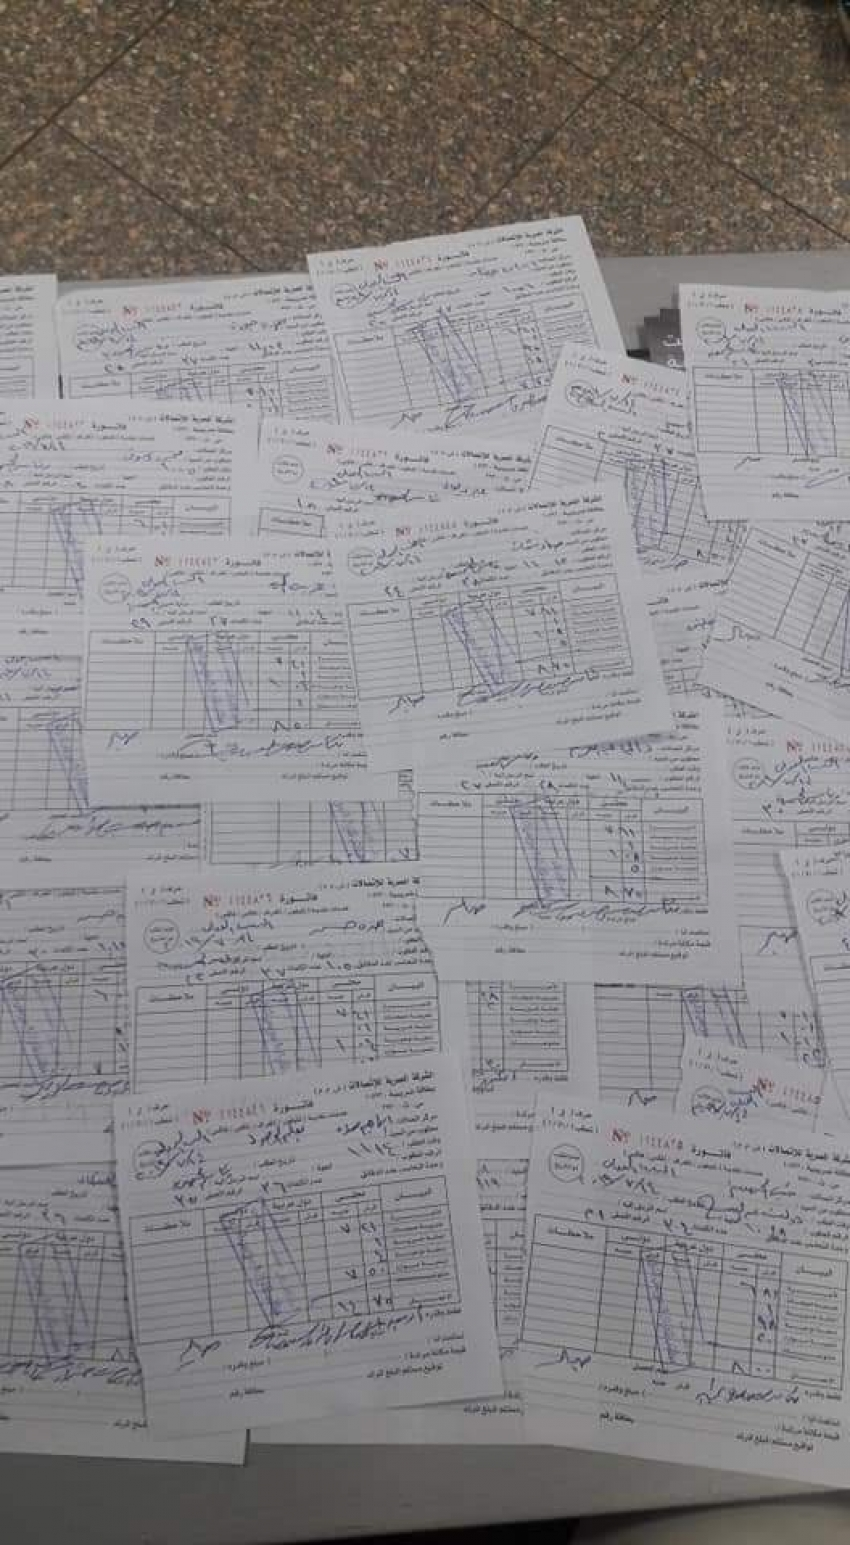 مستحقو الوحدات السكنية للزواج الحديث بالسويس يرسلون تلغرافات استغاثة لرئاسة الجمهورية